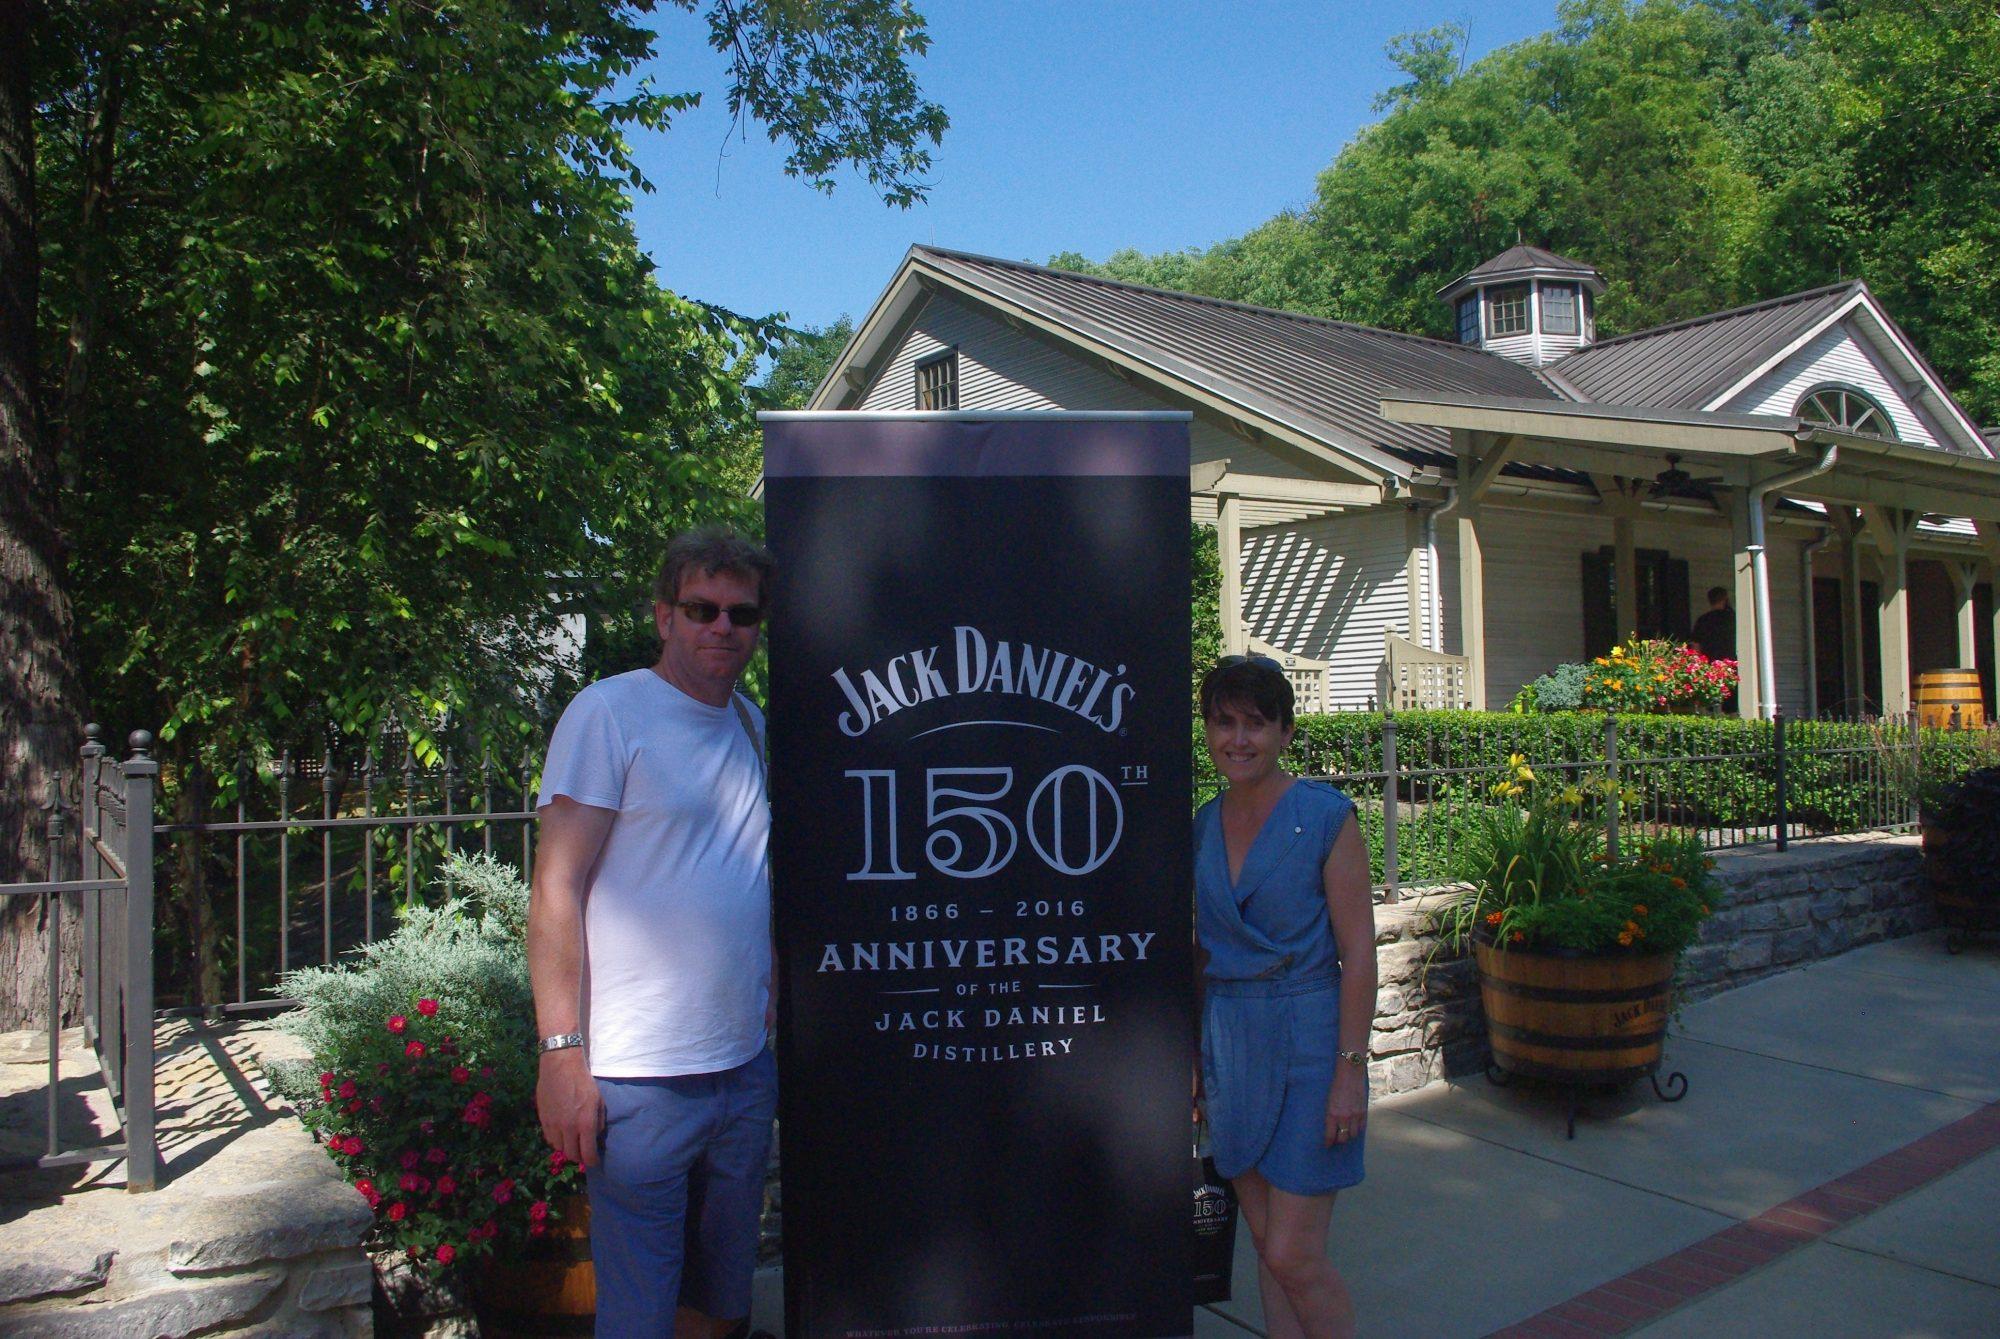 Jack Daniel a commencé à distiller en 1866 à l'âge de 16 ans. Bon anniversaire !!